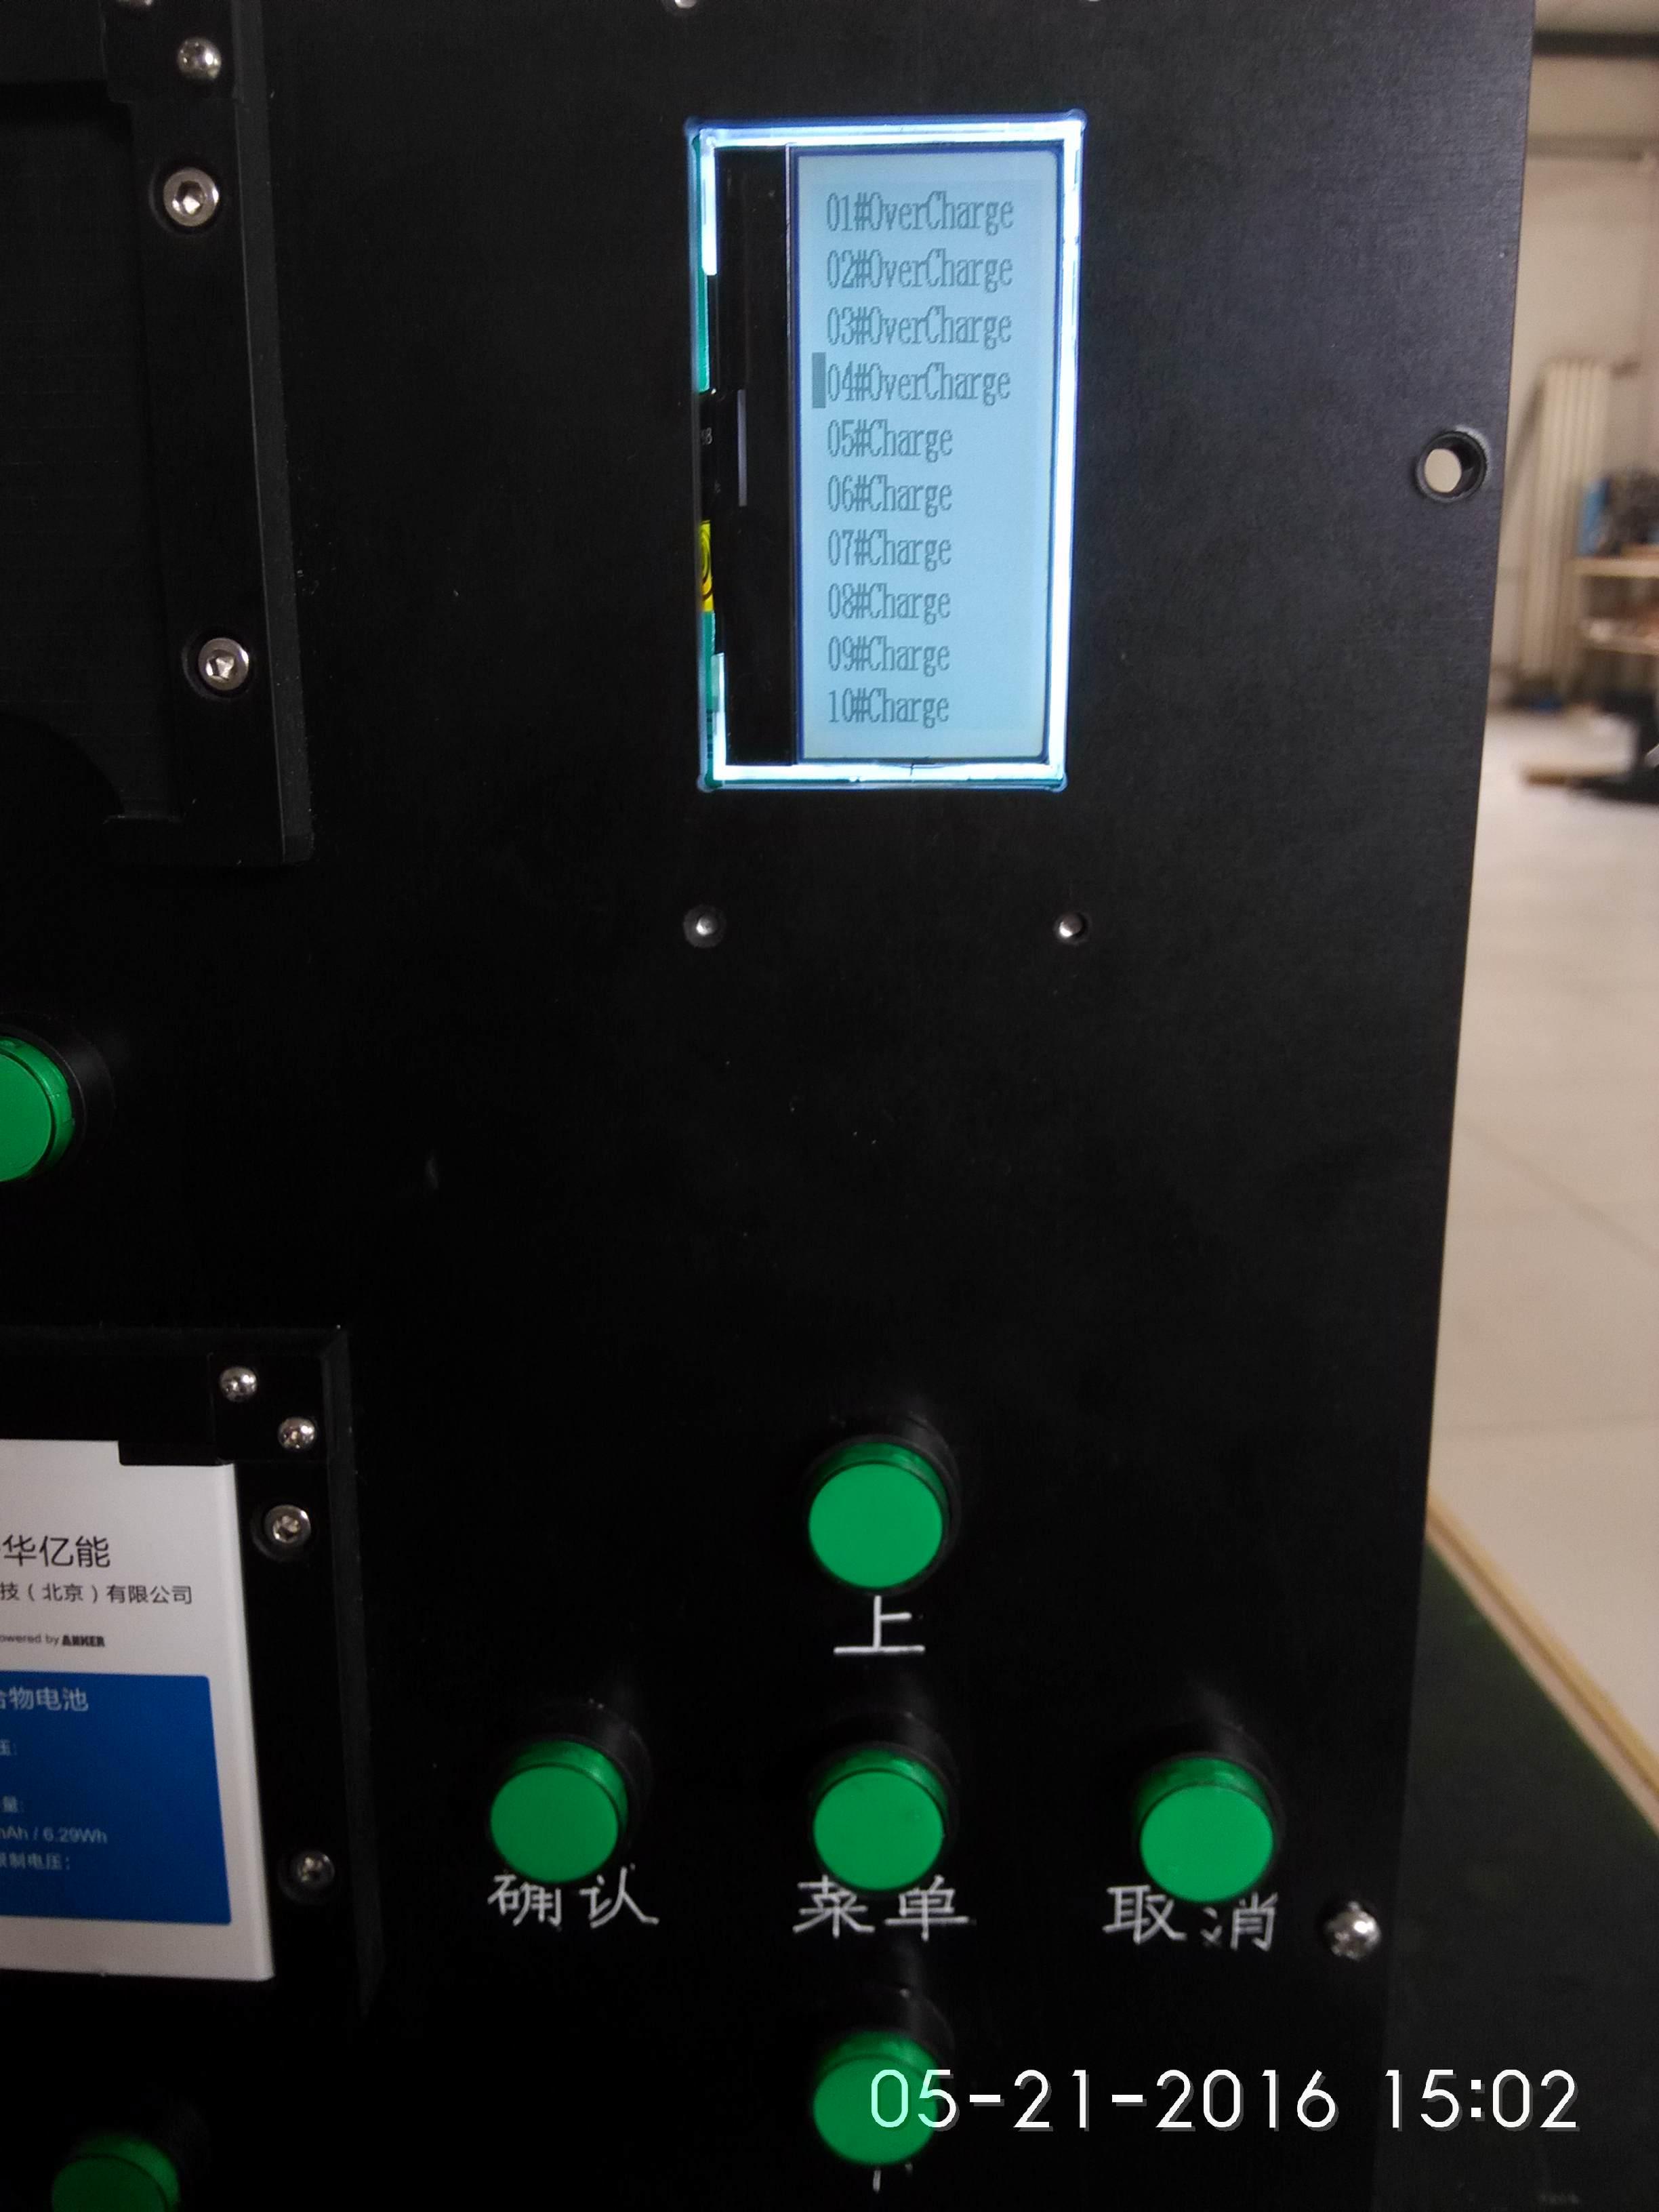 商易宝 产品列表 暖通空调 工具及加工设备 检测设备 其他设备